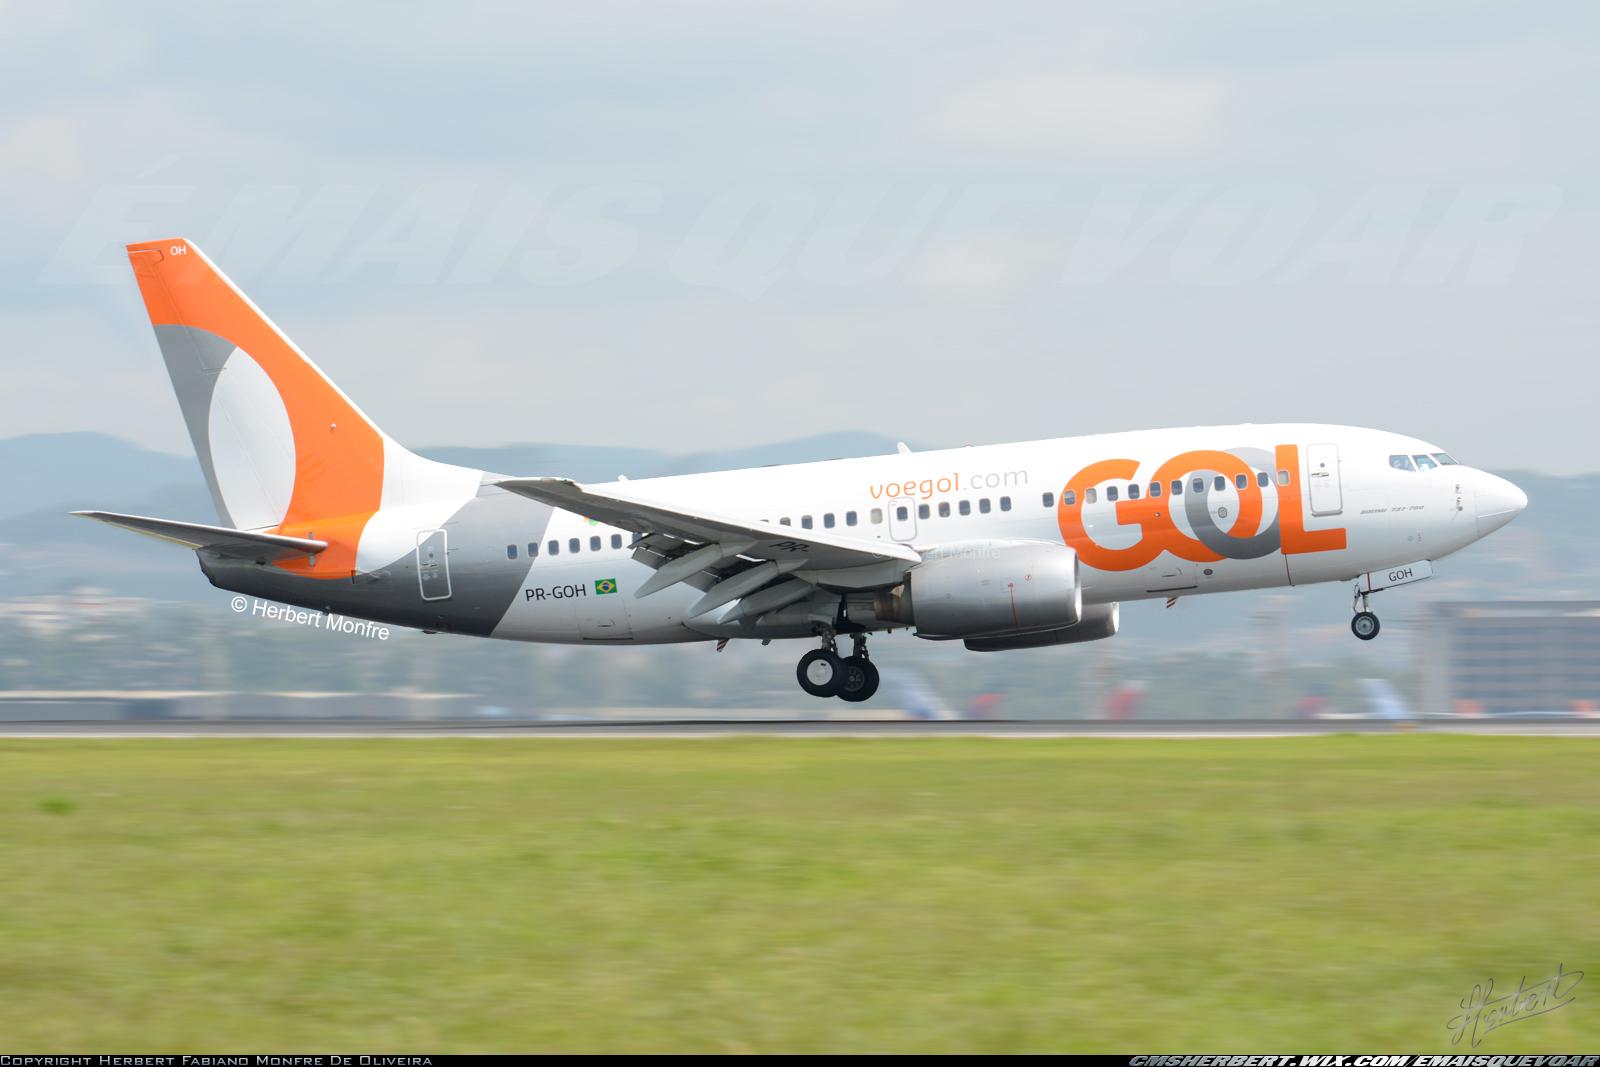 GOL inicia parceria com a Passaredo para voos regionais